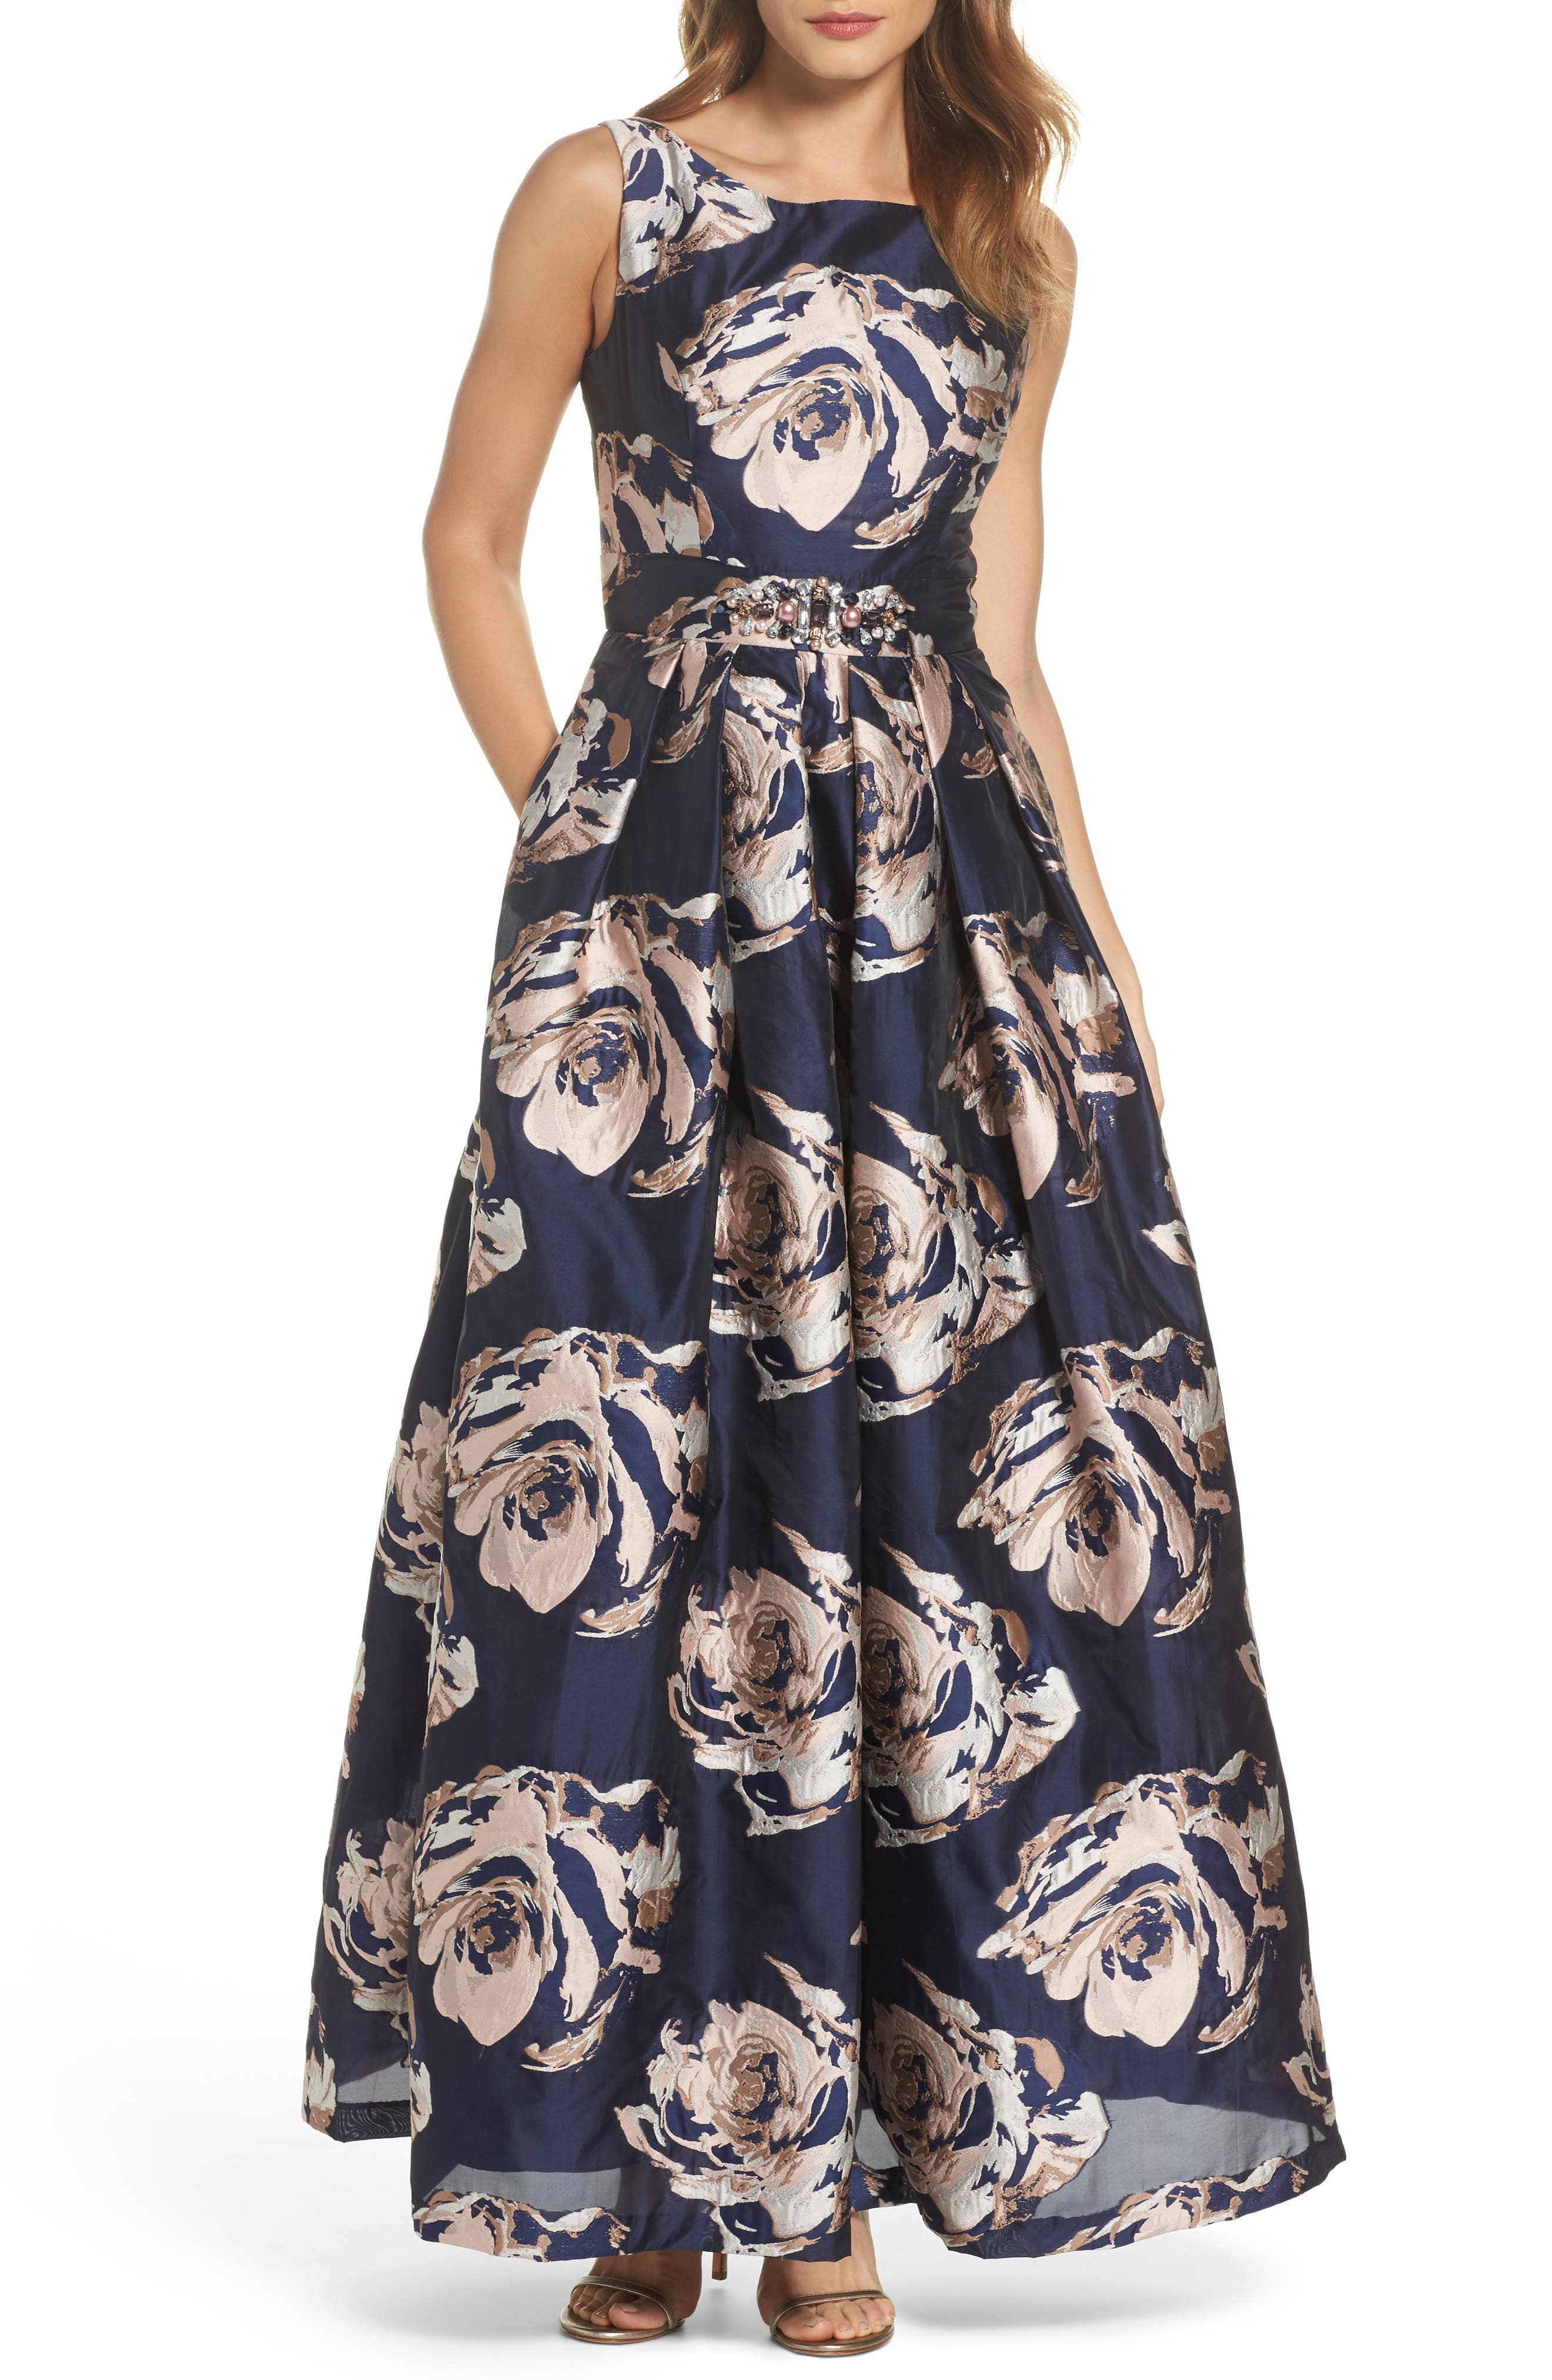 Alternate Image 1 Selected - Eliza J Embellished Floral Ballgown